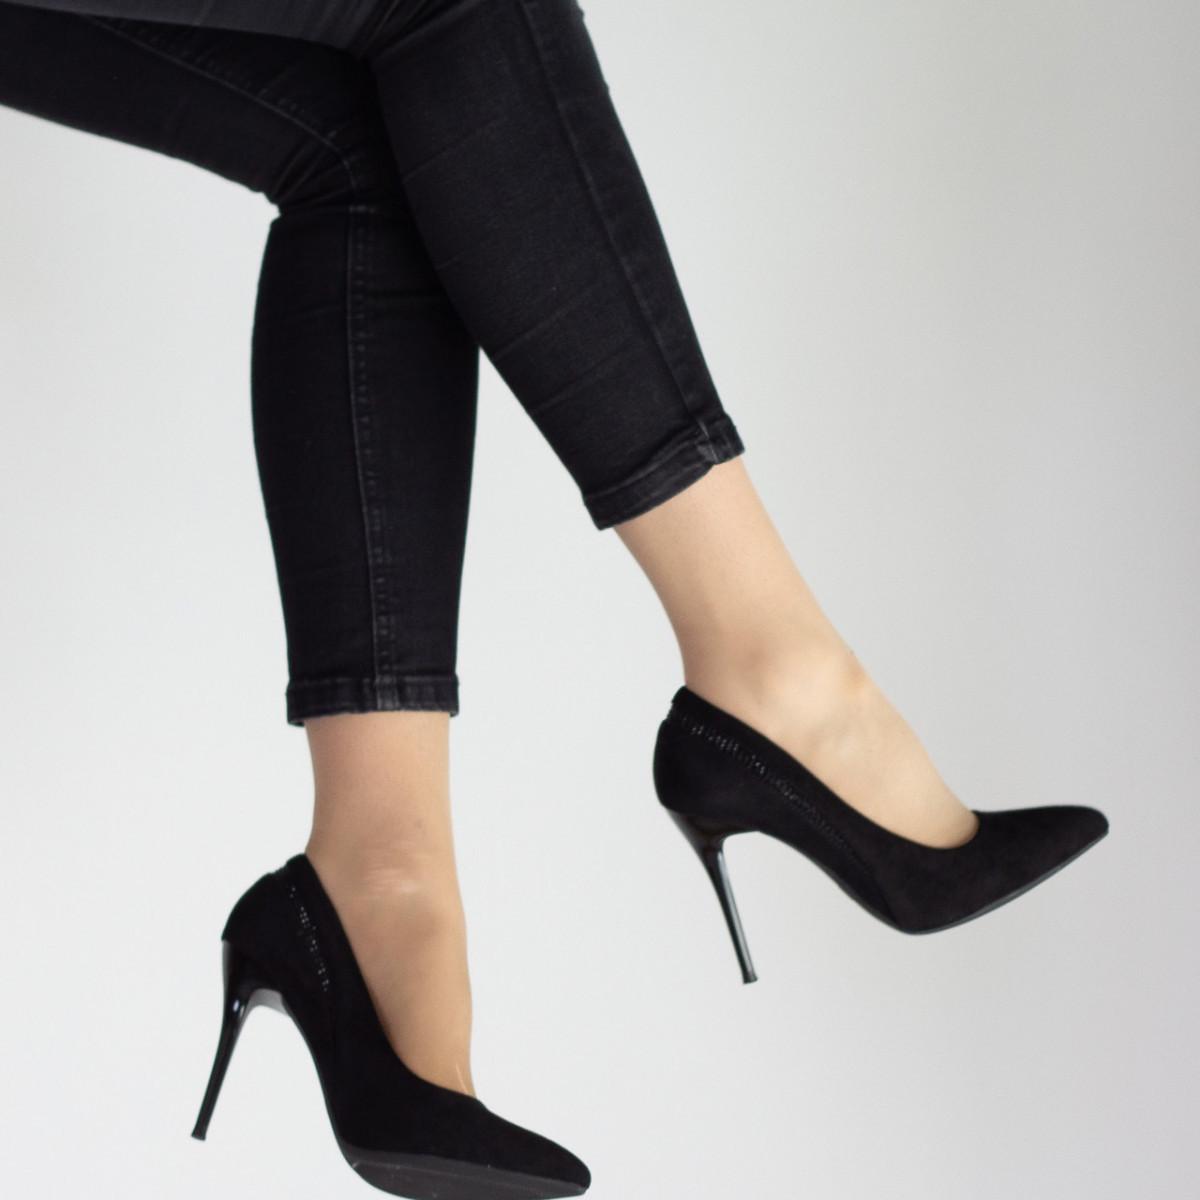 Туфлі жіночі Fashion Guinness 2505 38 розмір 24,5 см Чорний